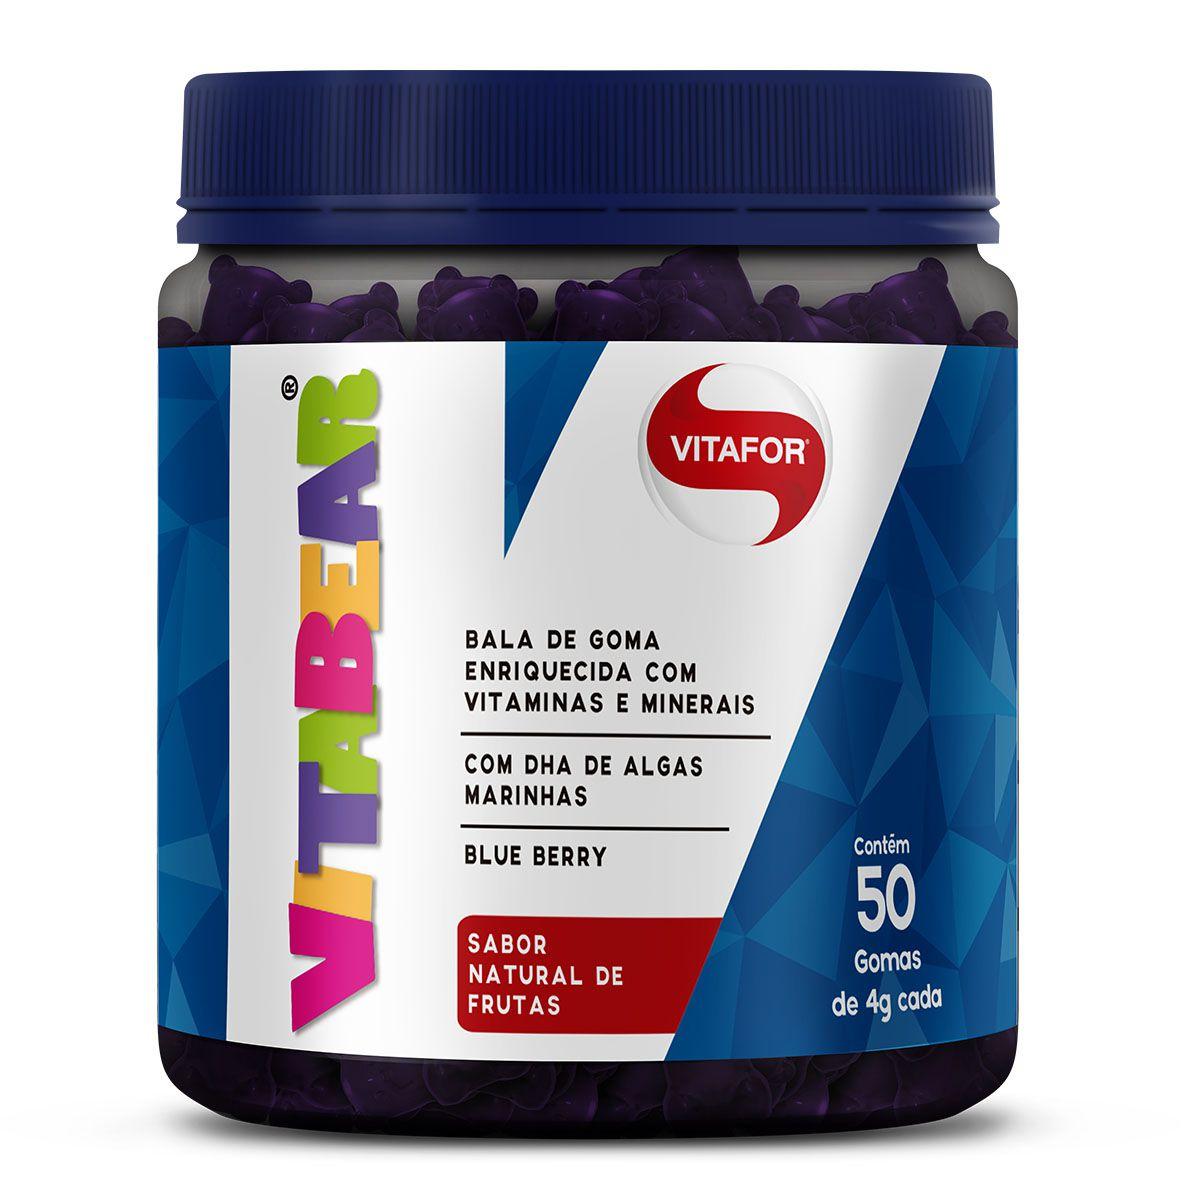 Vita Bear 50 gomas - Vitafor